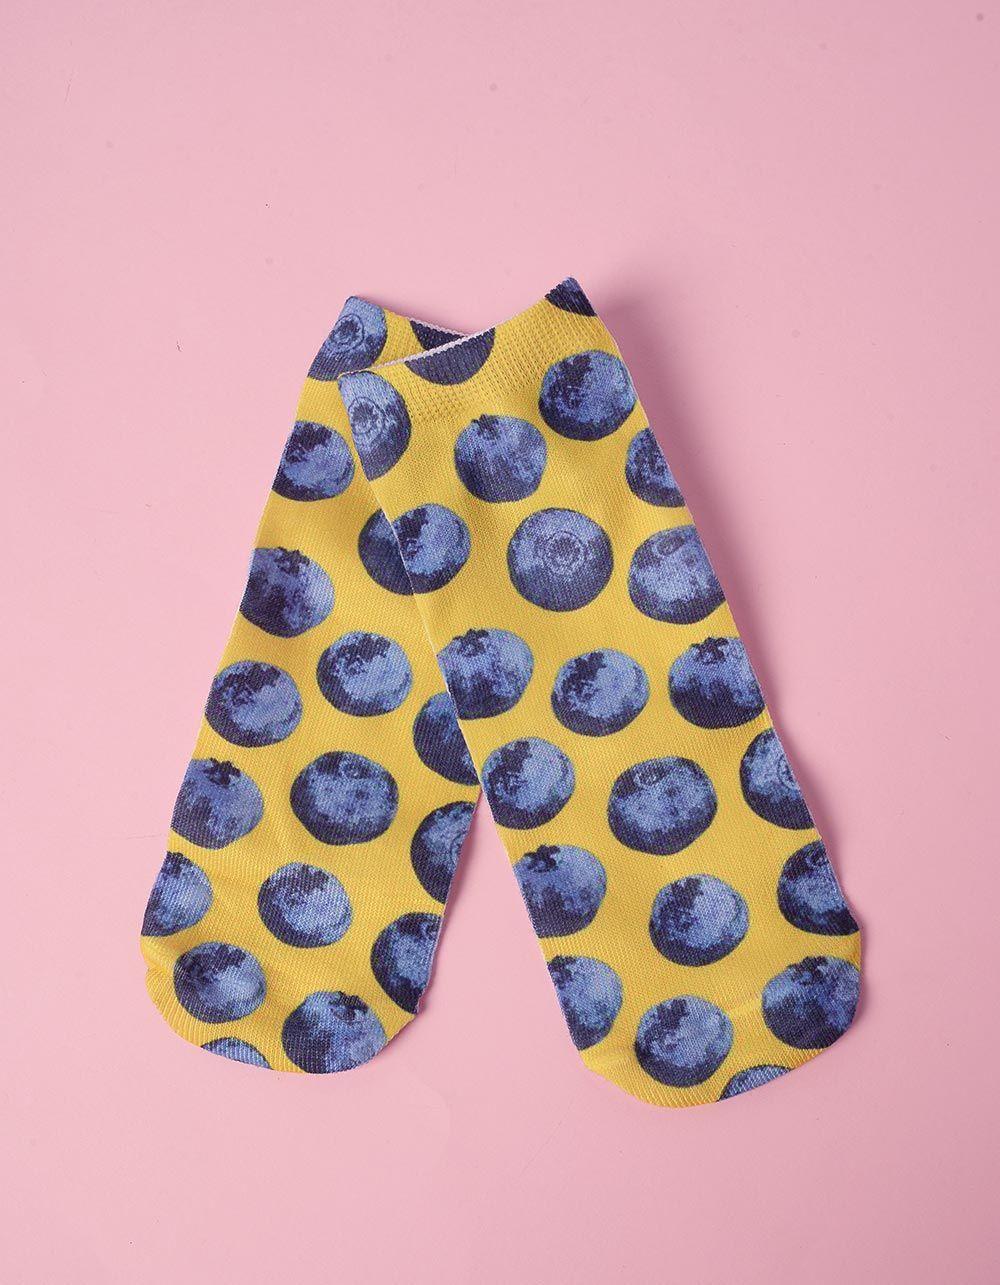 Шкарпетки з принтом чорниці | 240688-19-XX